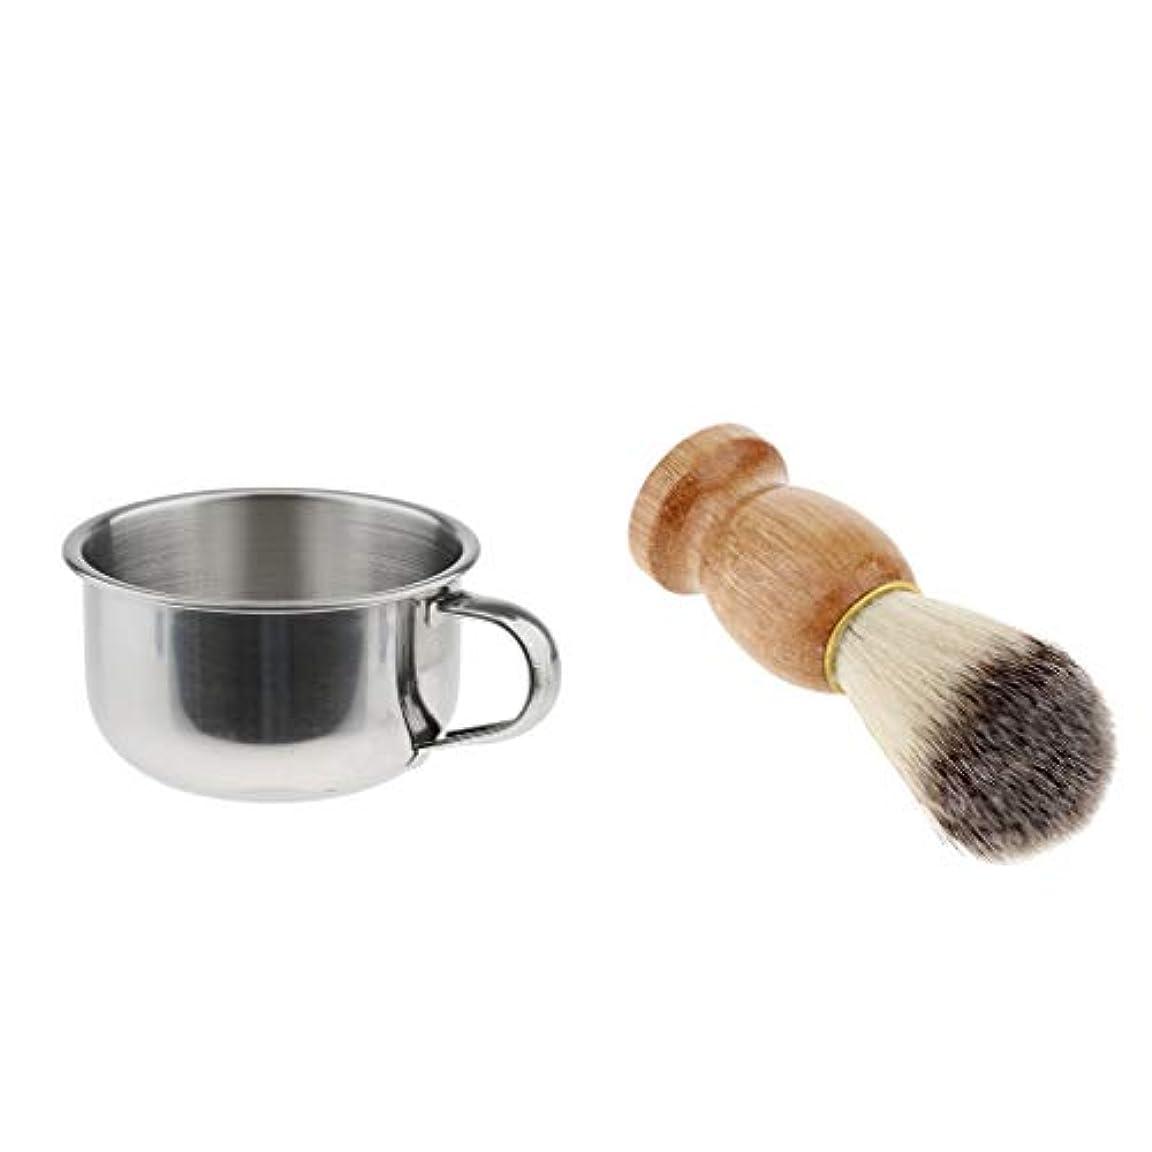 信頼性のある潜在的な計器chiwanji シェービングボウル シェービングキット シェービングブラシ シェービングマグ 理容 洗顔 髭剃り